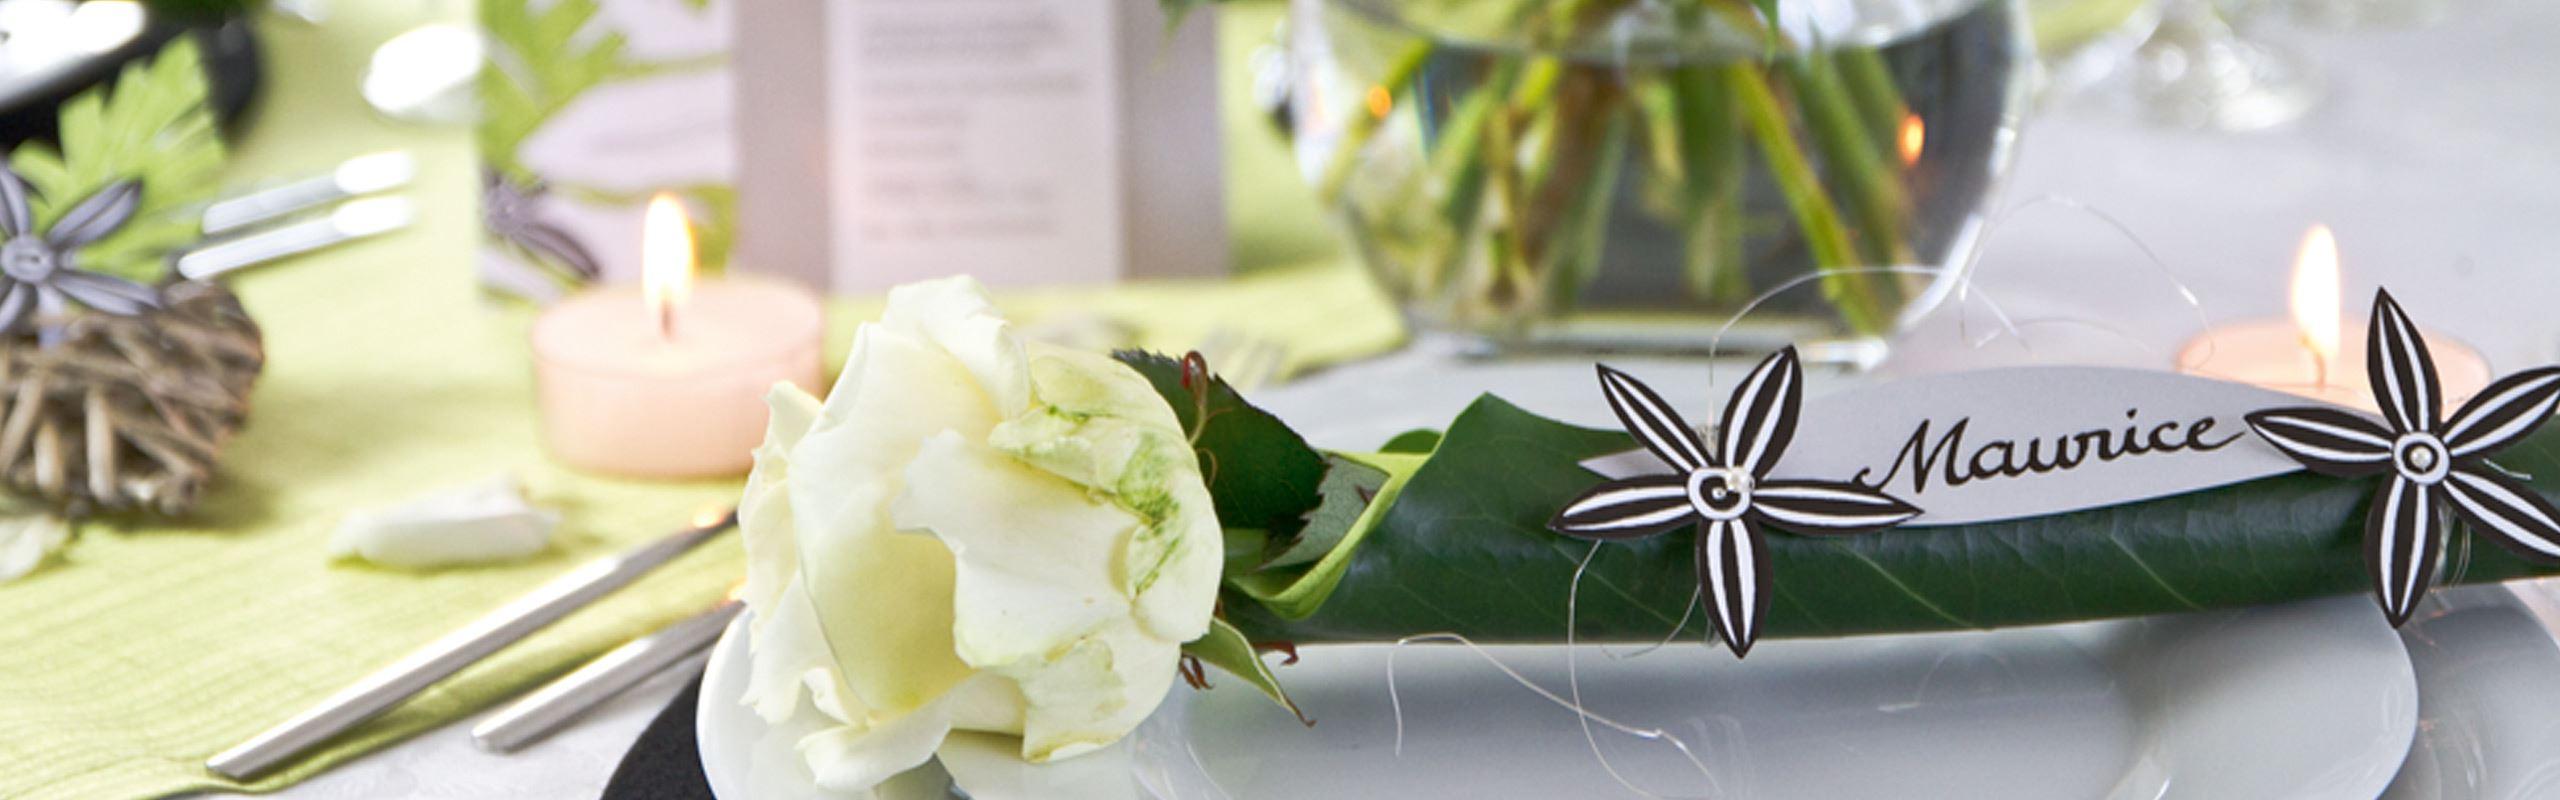 Gestalten von Tischdekorationen für Hochzeit oder Gartenparty ...